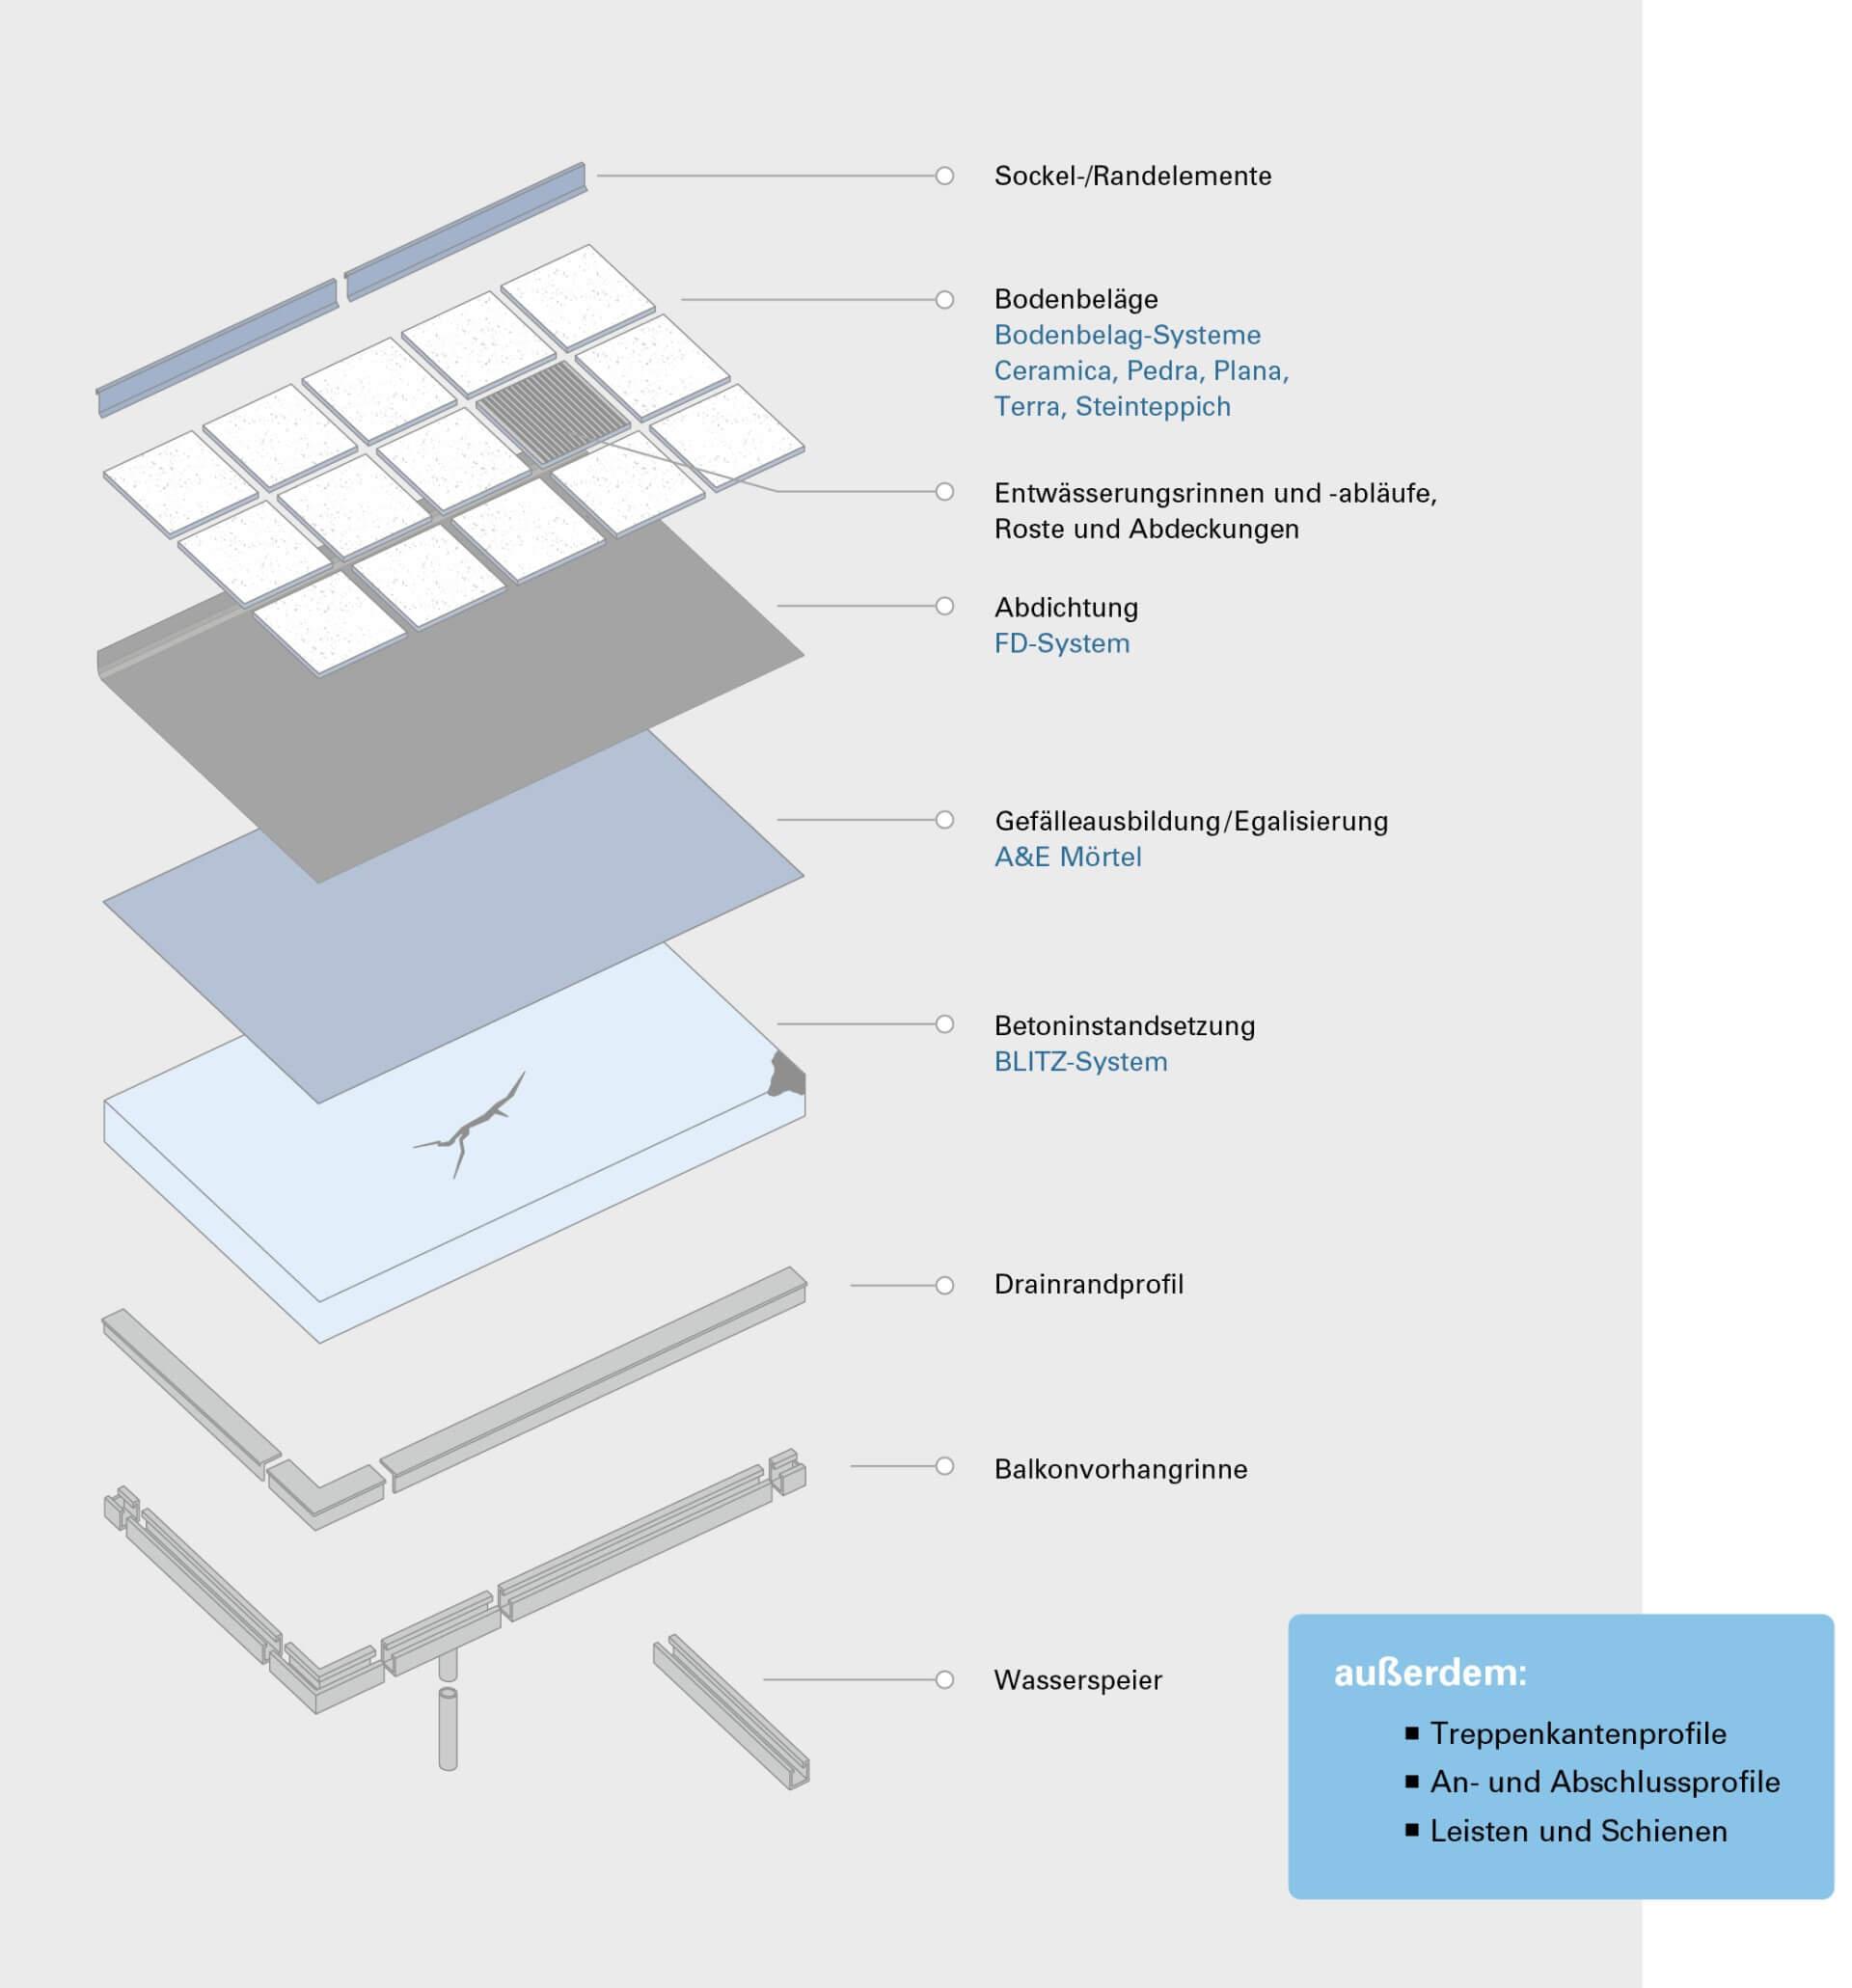 Balkonsanierung von Getifix Übersicht Arbeitsschritte und Schichten